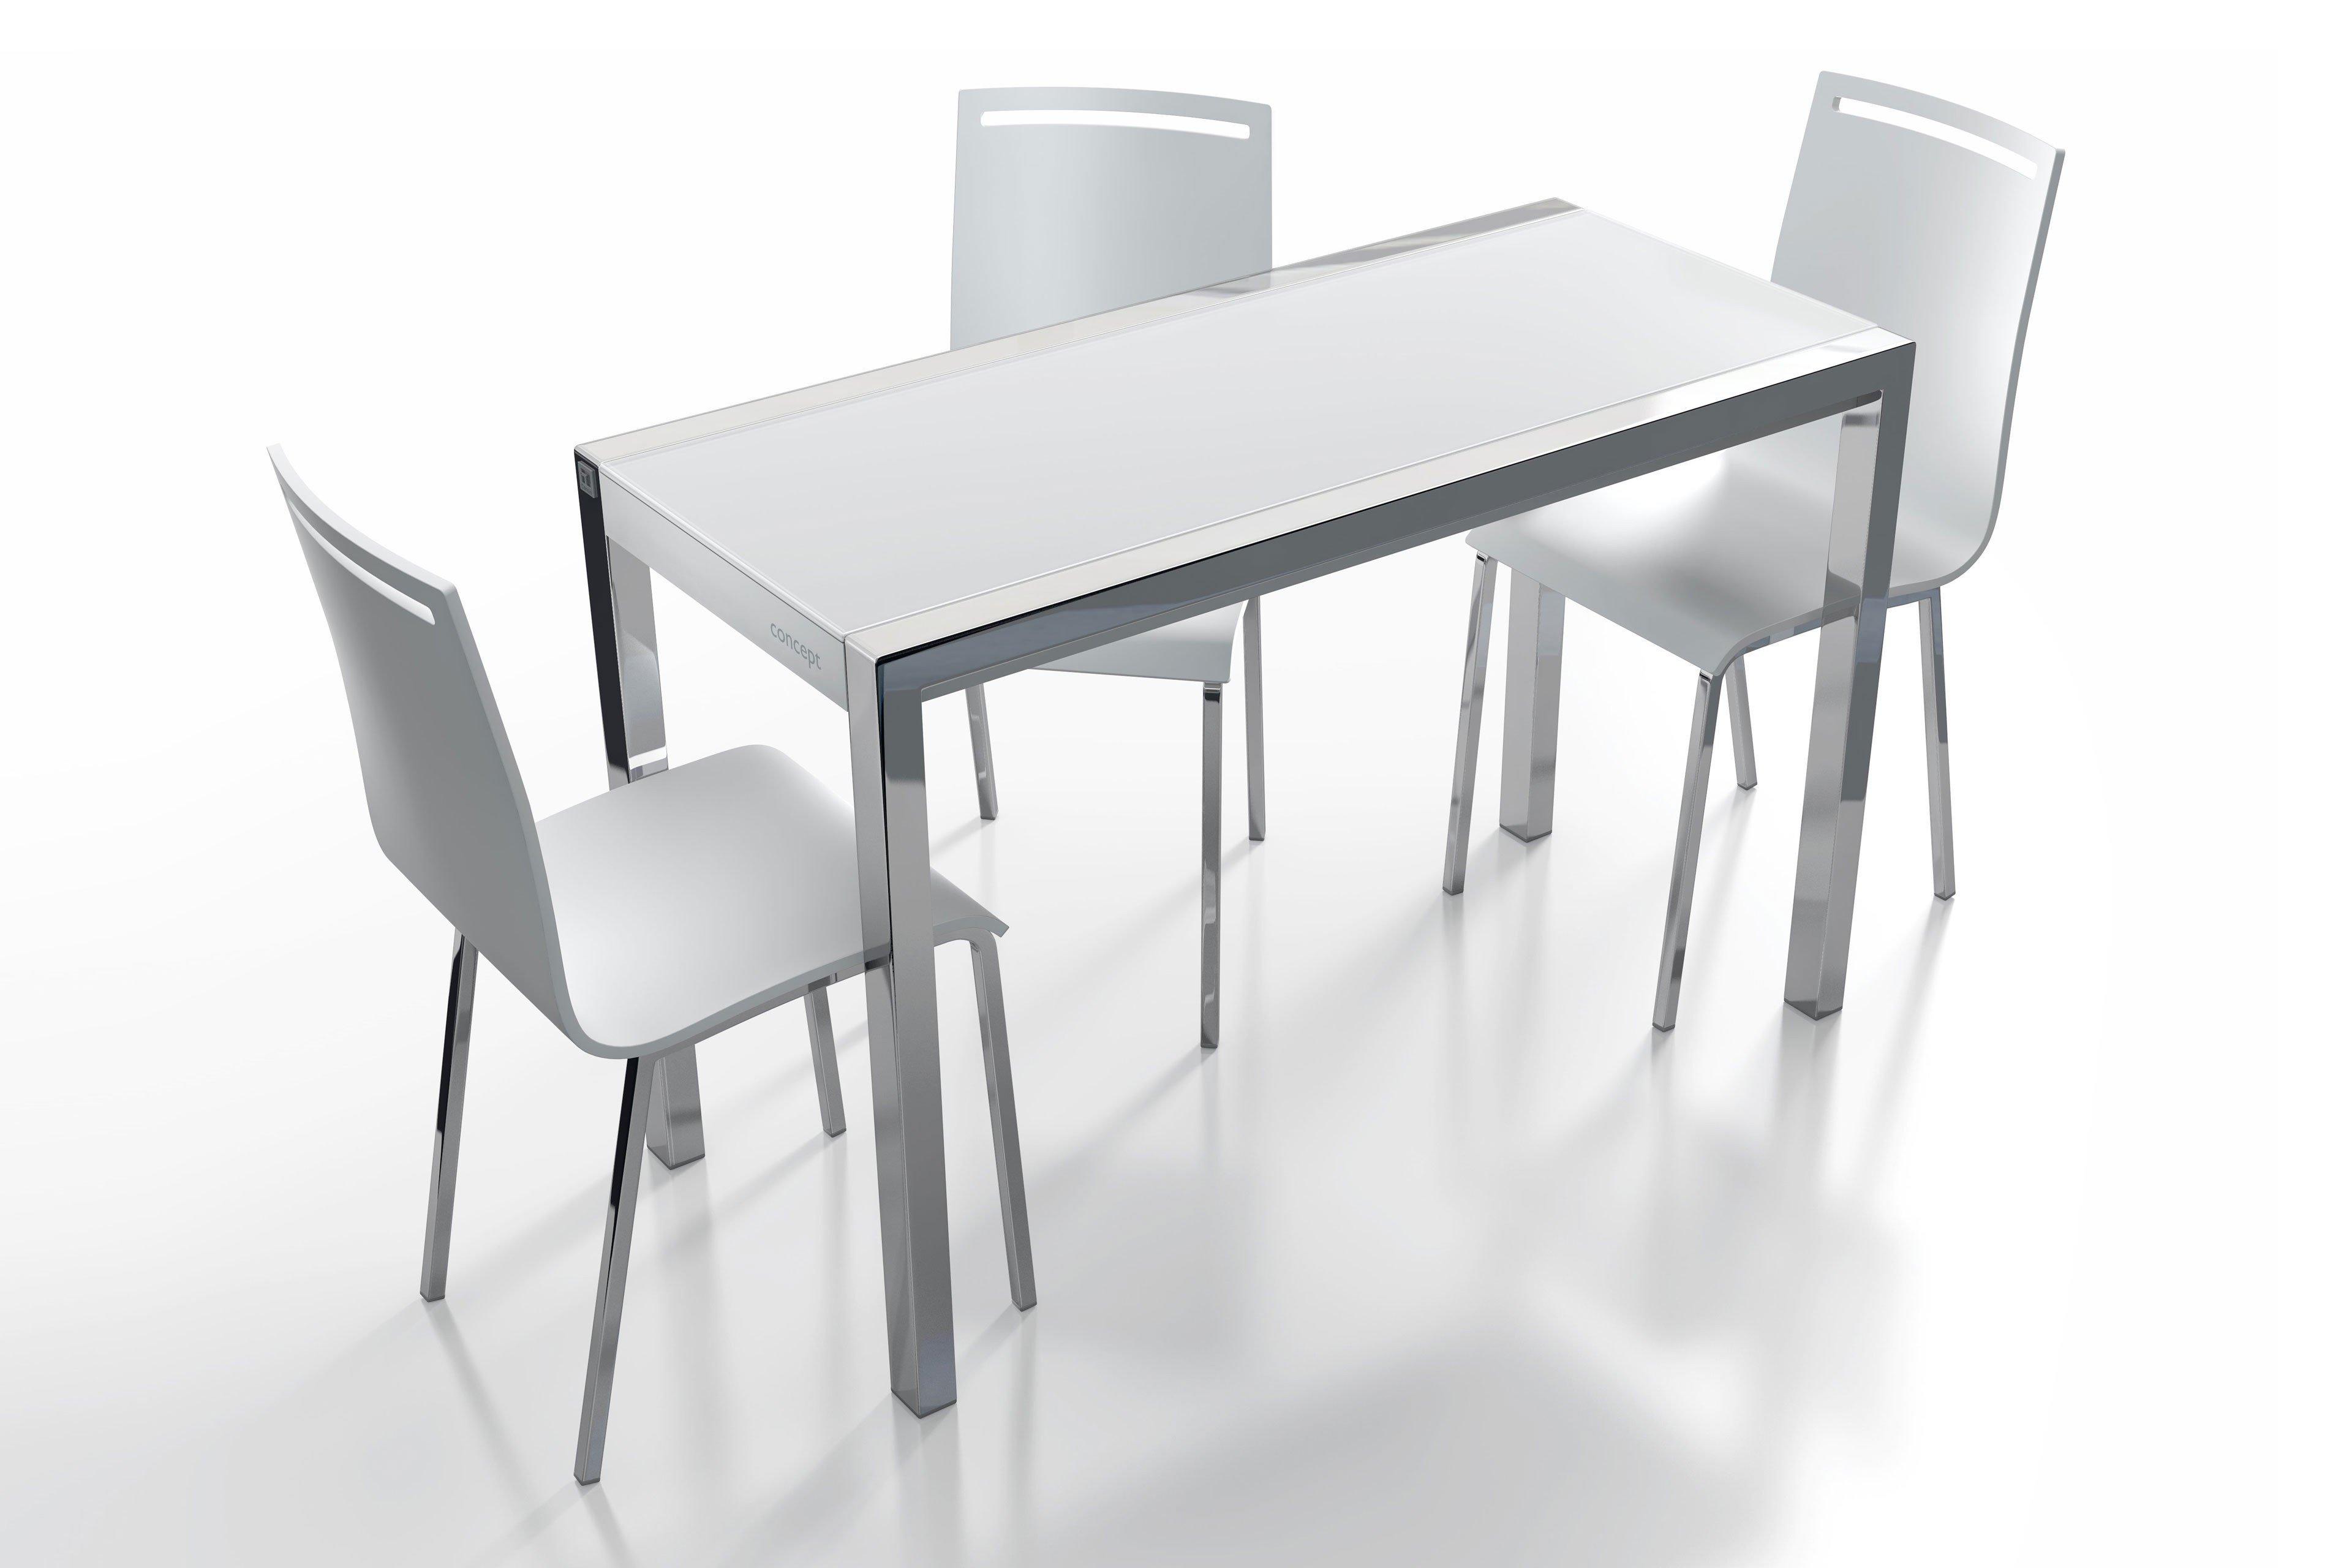 Esstisch glas weiß  Esstisch Concept Minor Glas weiß/ Aluminium von CANCIO | Möbel ...